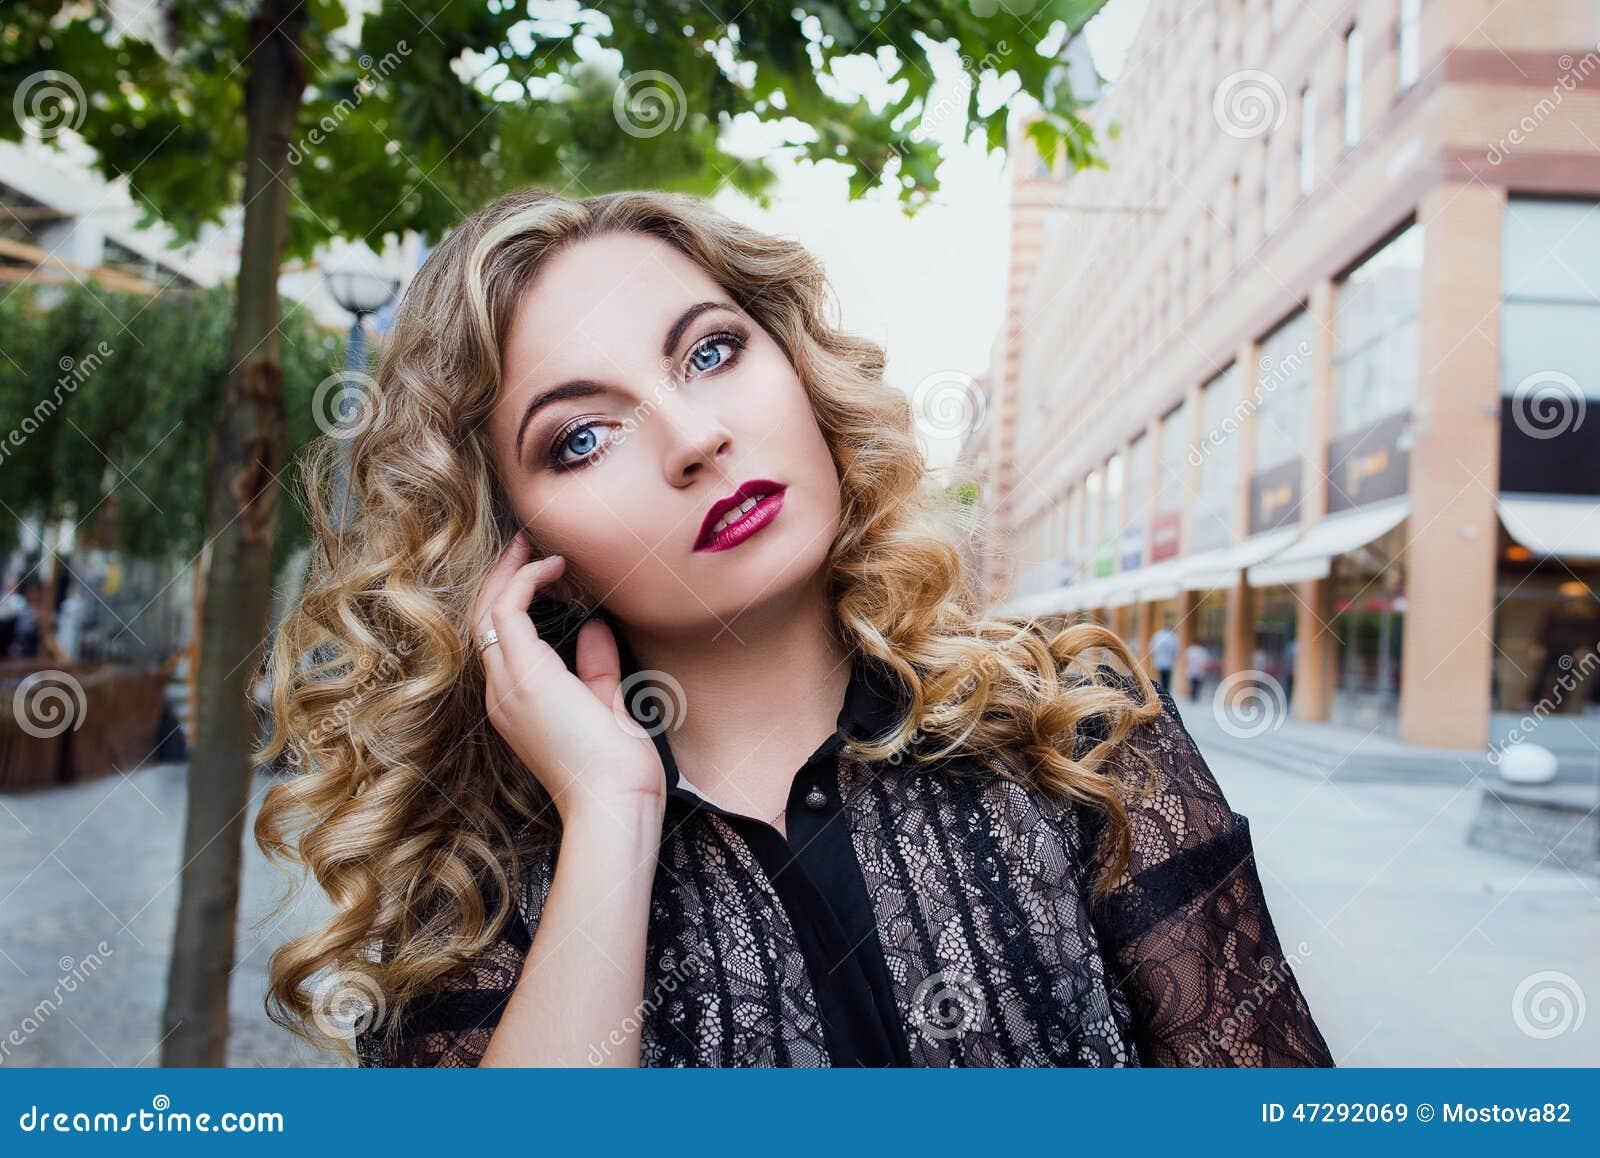 Meisje 25 jaar oude status in de stad stock foto afbeelding 47292069 - Jaar oude meisje kamer foto ...